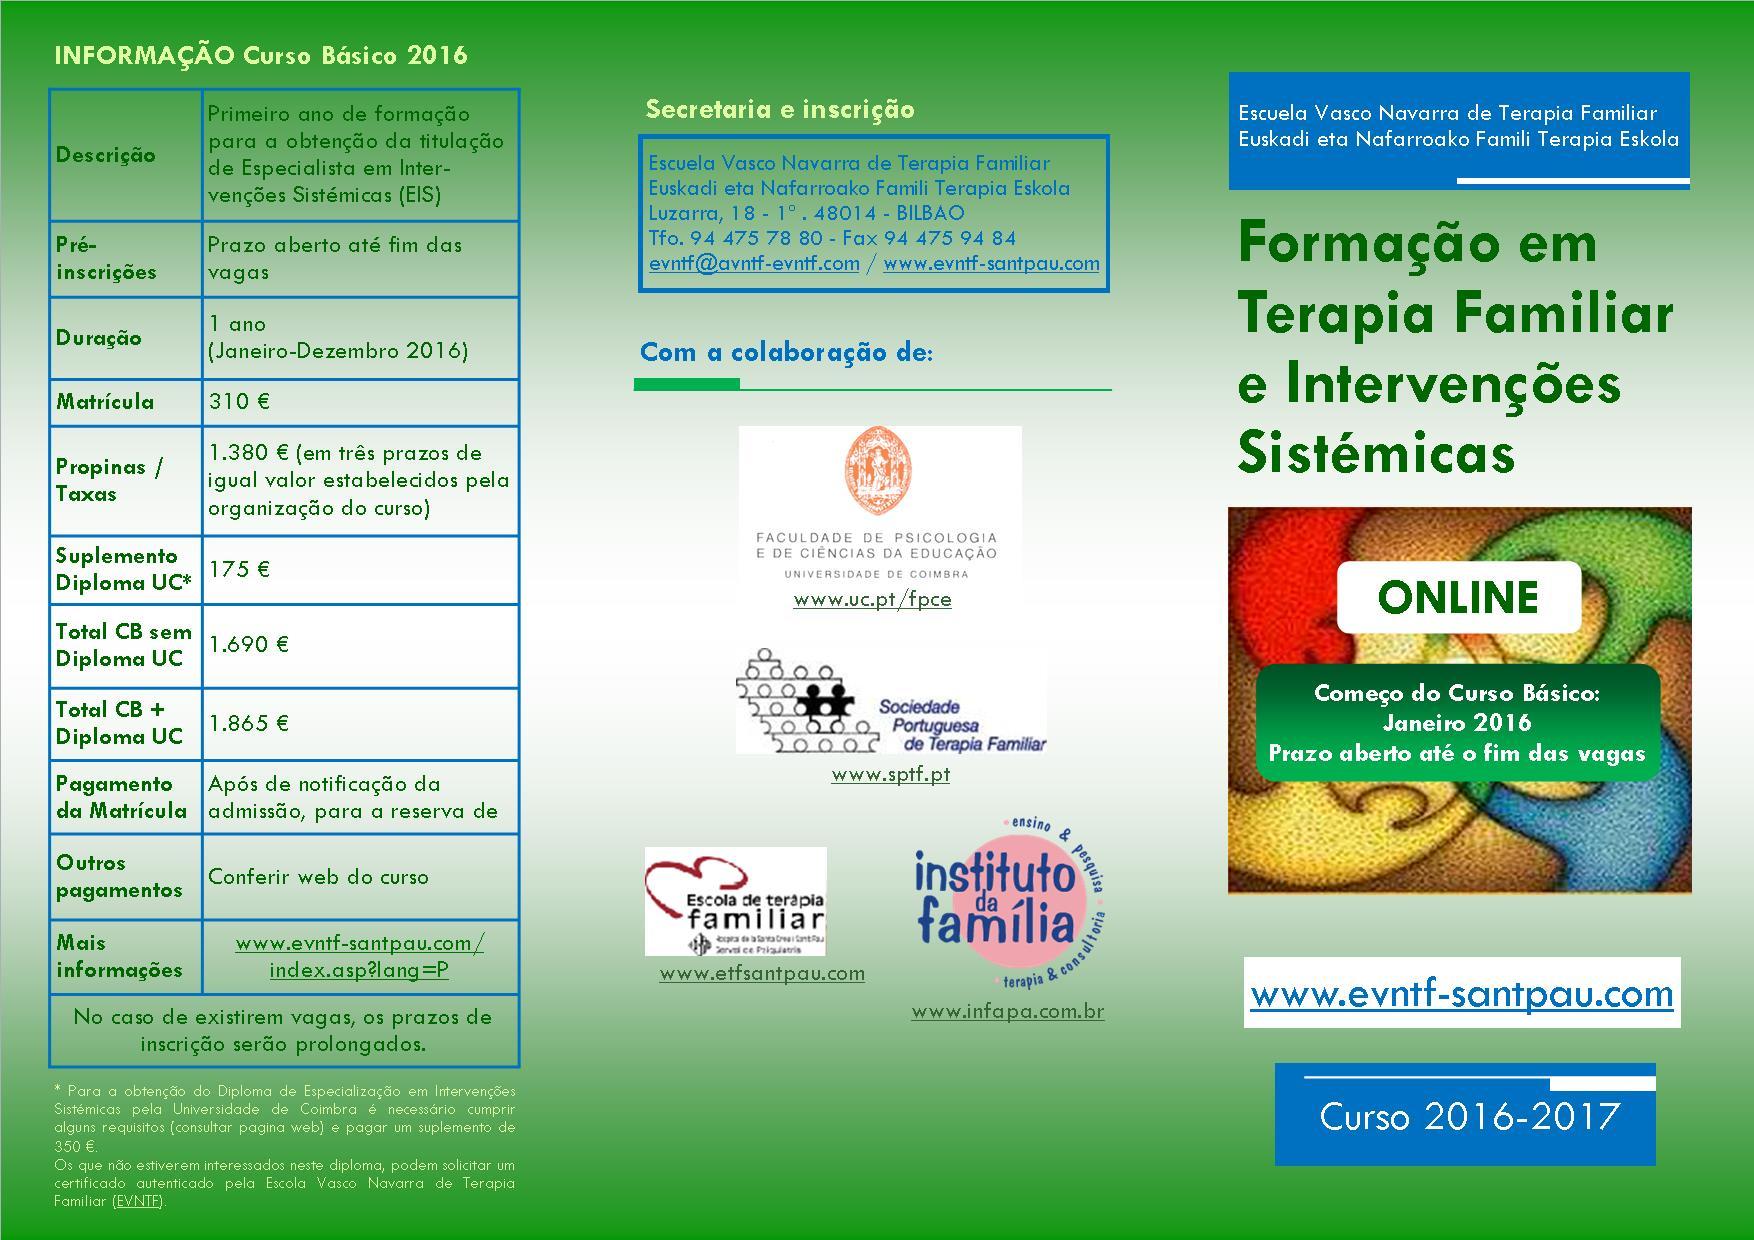 Folleto Formacion online 16 - Pt